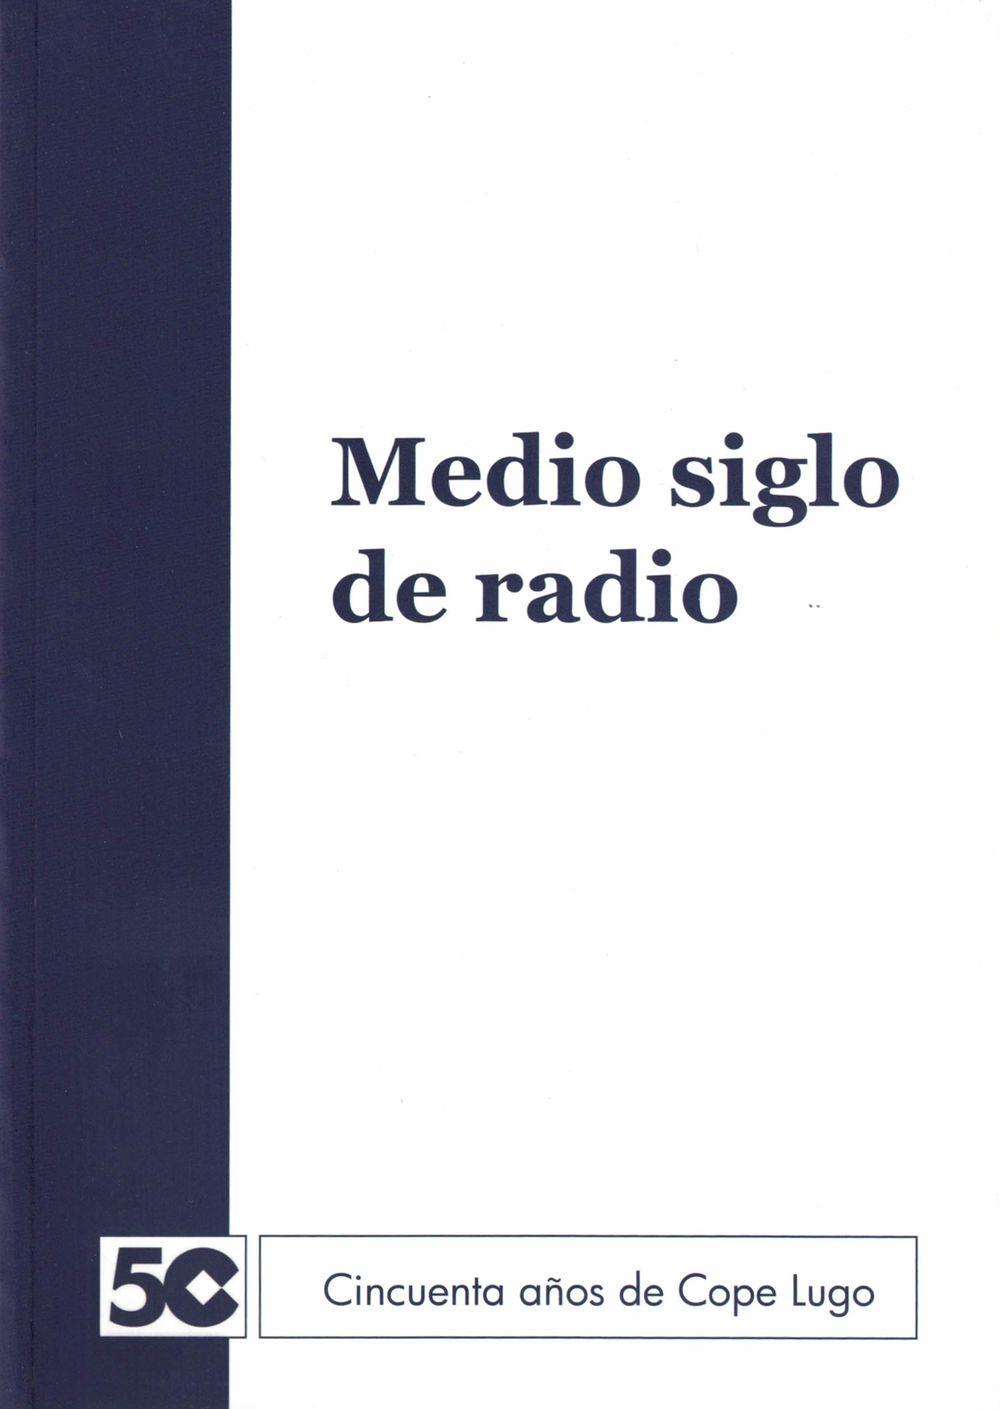 Medio siglo de radio - 50 años de Cope Lugo